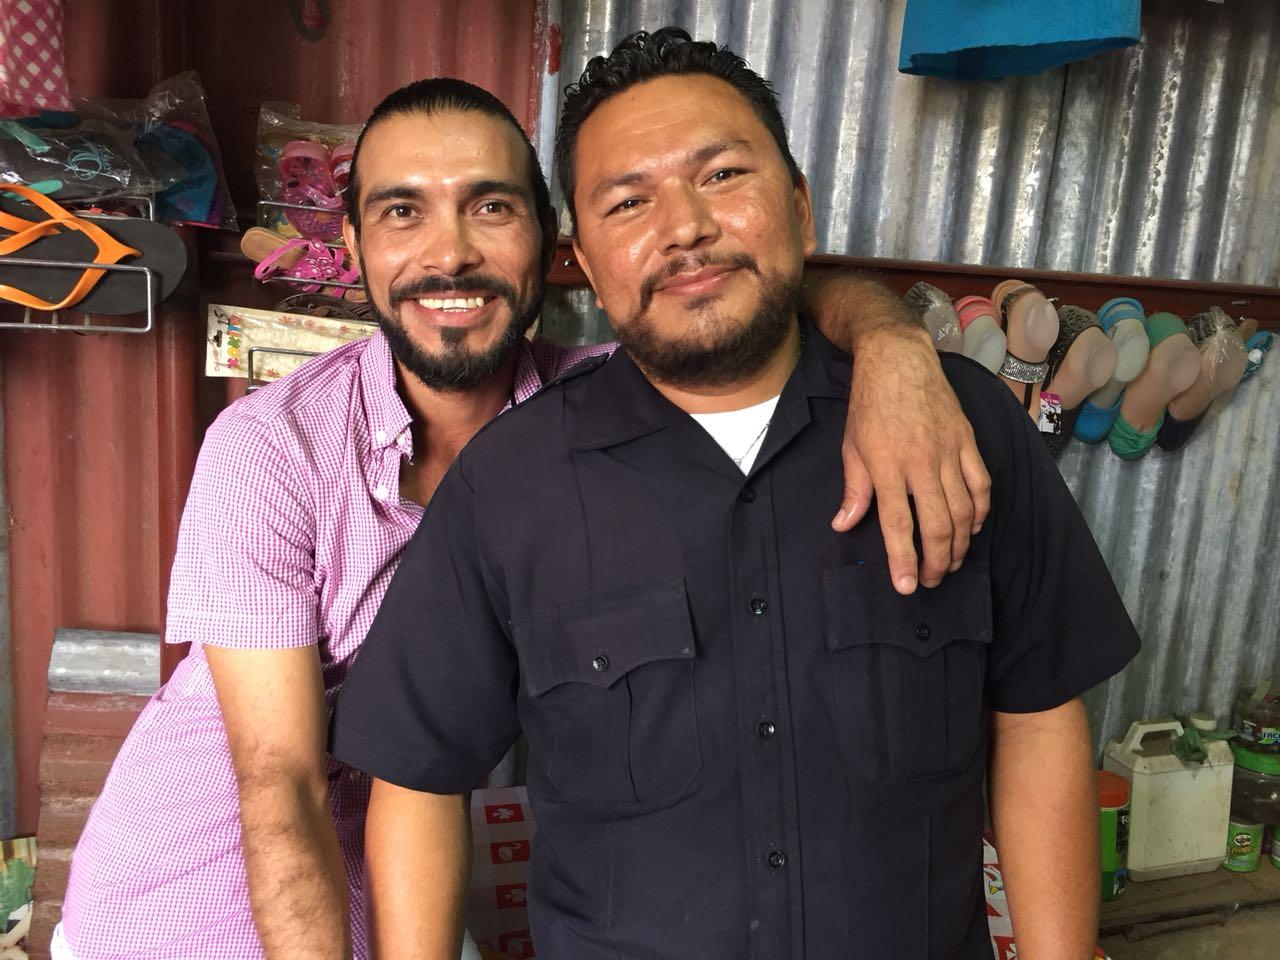 Mauricio Roa Carballo y José Luis Martínez son una pareja feliz que lleva 17 años de convivir en Managua